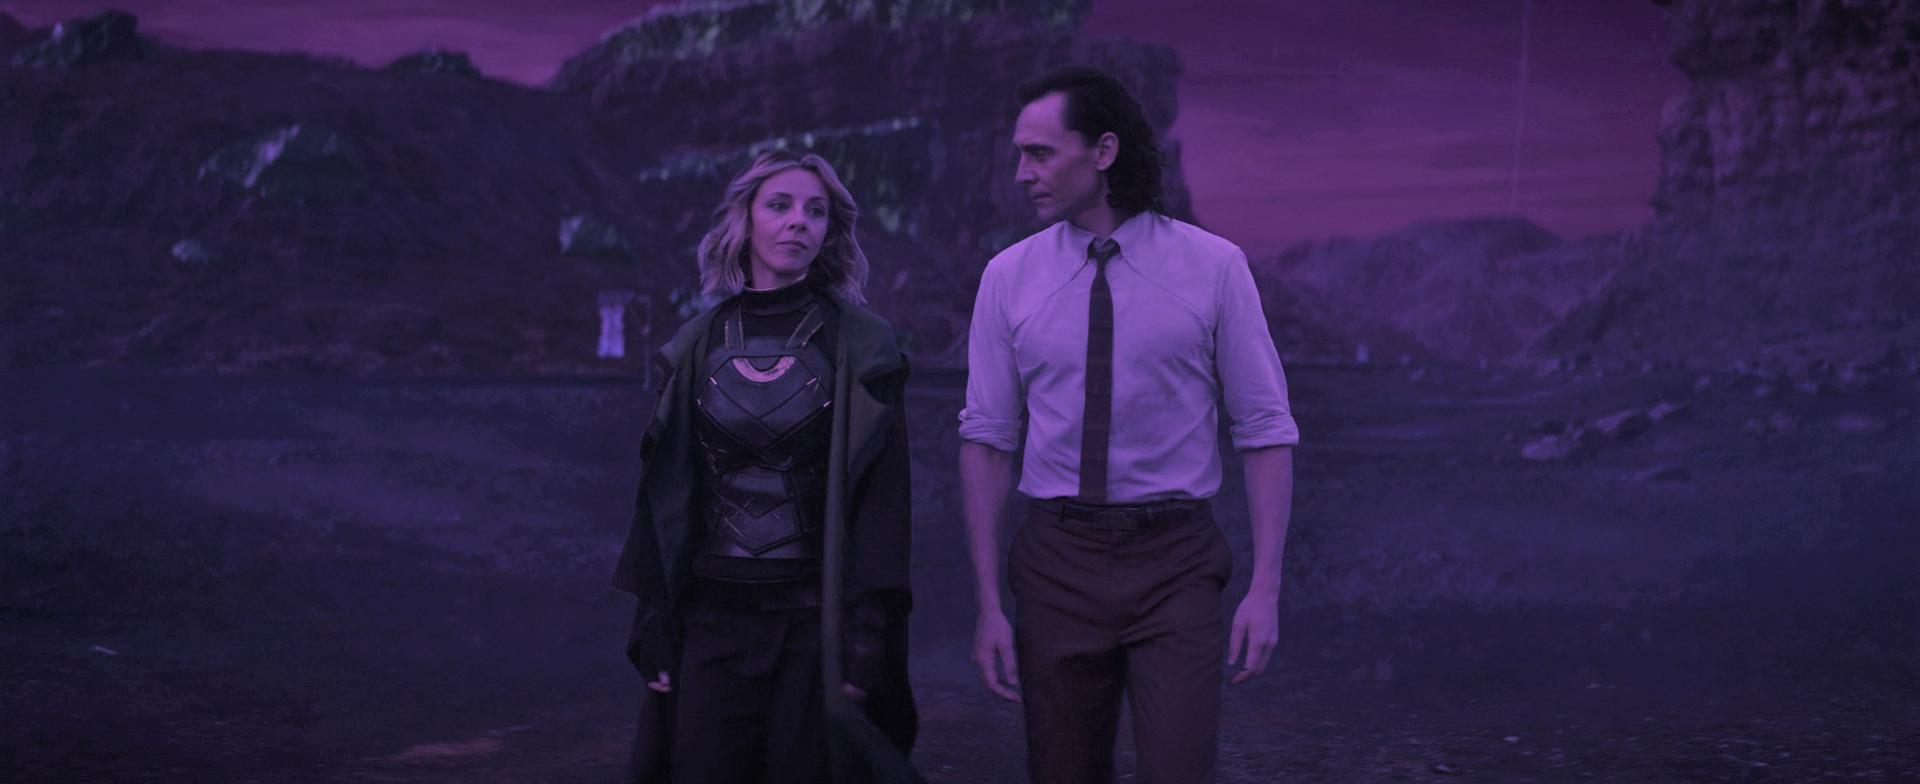 Thiếu sót lớn của Marvel sau hàng chục năm đã được Loki tập 3 khắc phục, khán giả không còn phải phàn nàn nữa rồi! - Ảnh 5.